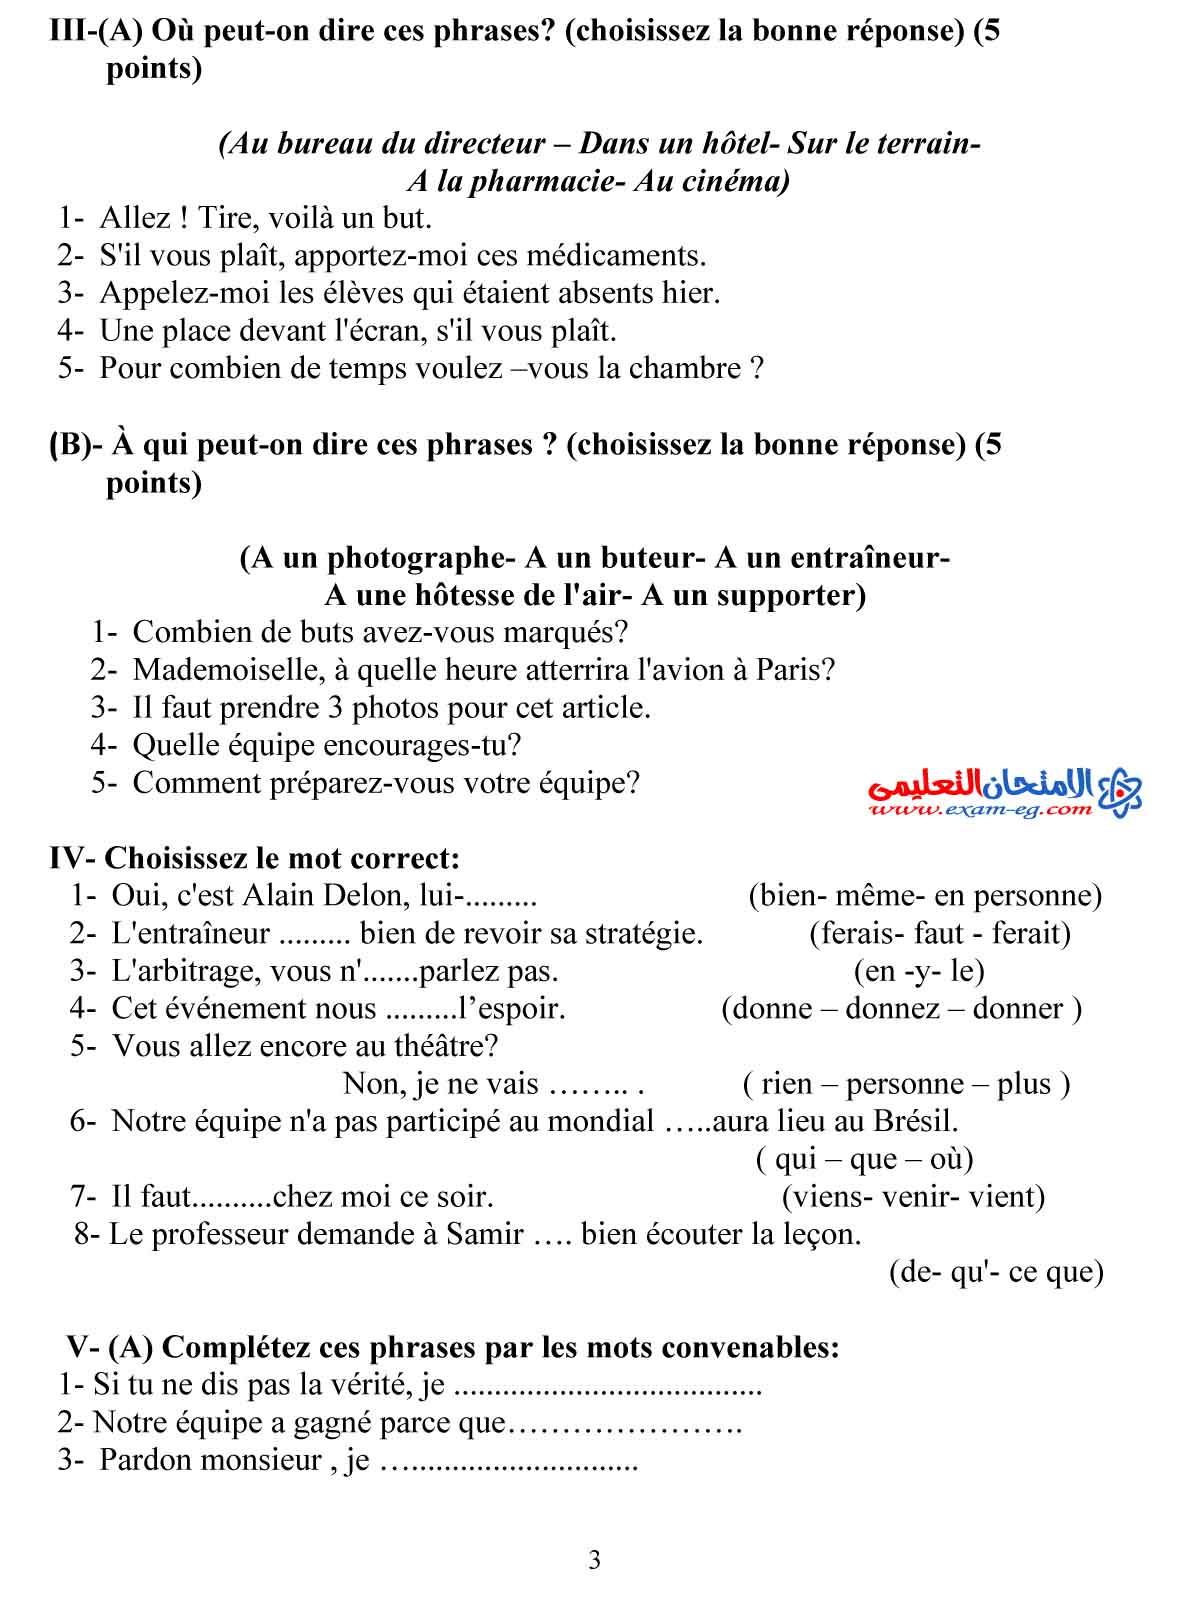 لغة فرنسية 2 - مدرسة اون لاين-3